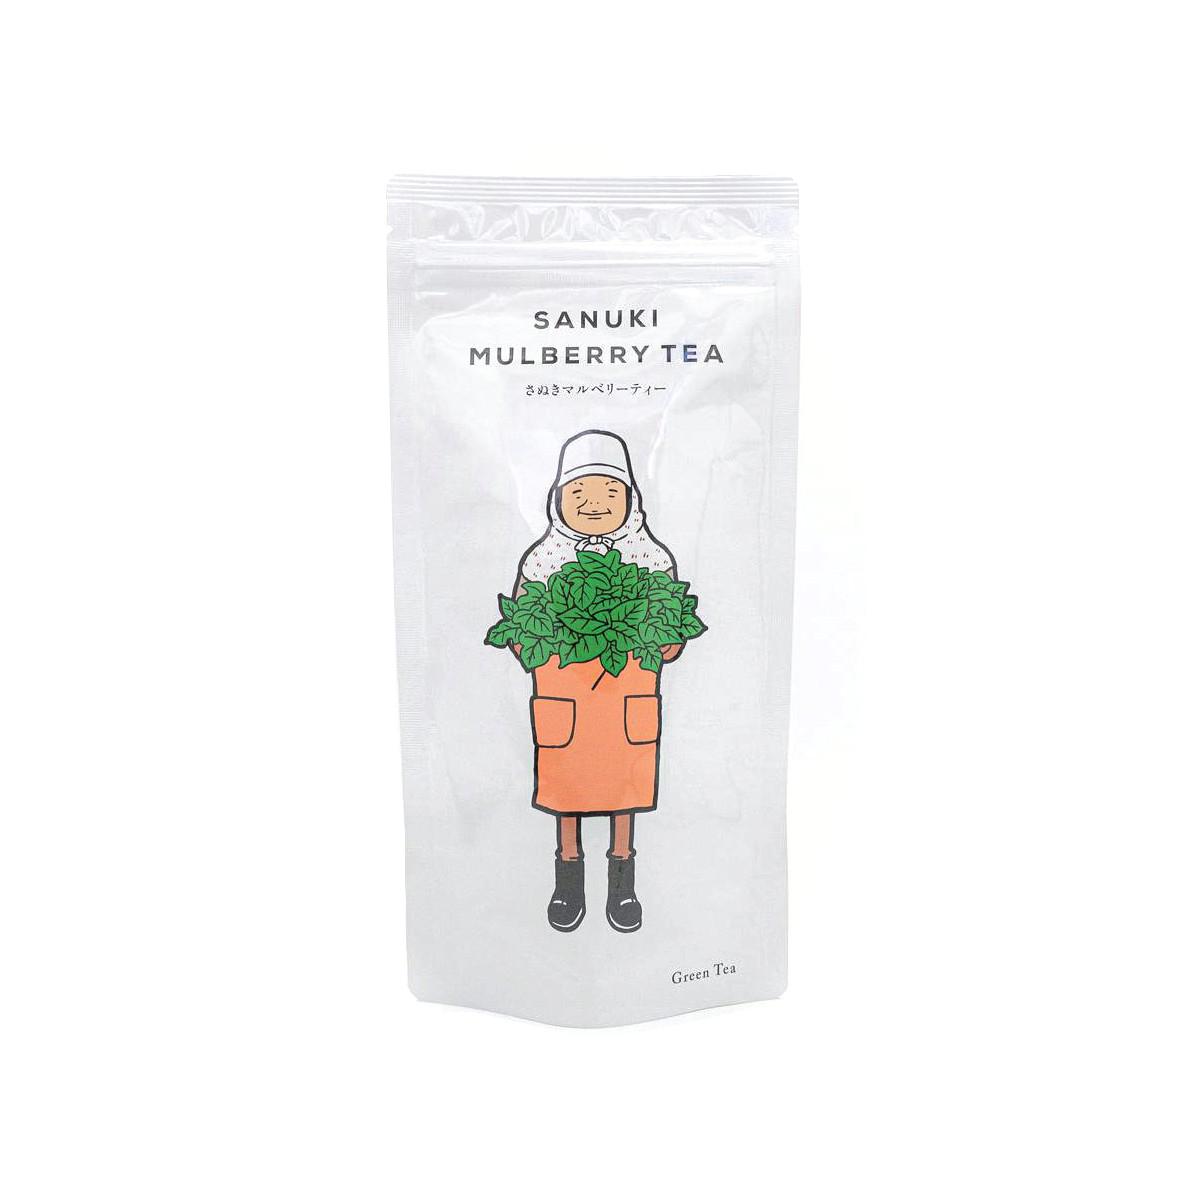 桑茶ティーバッグ|さぬきマルベリーティー  国産